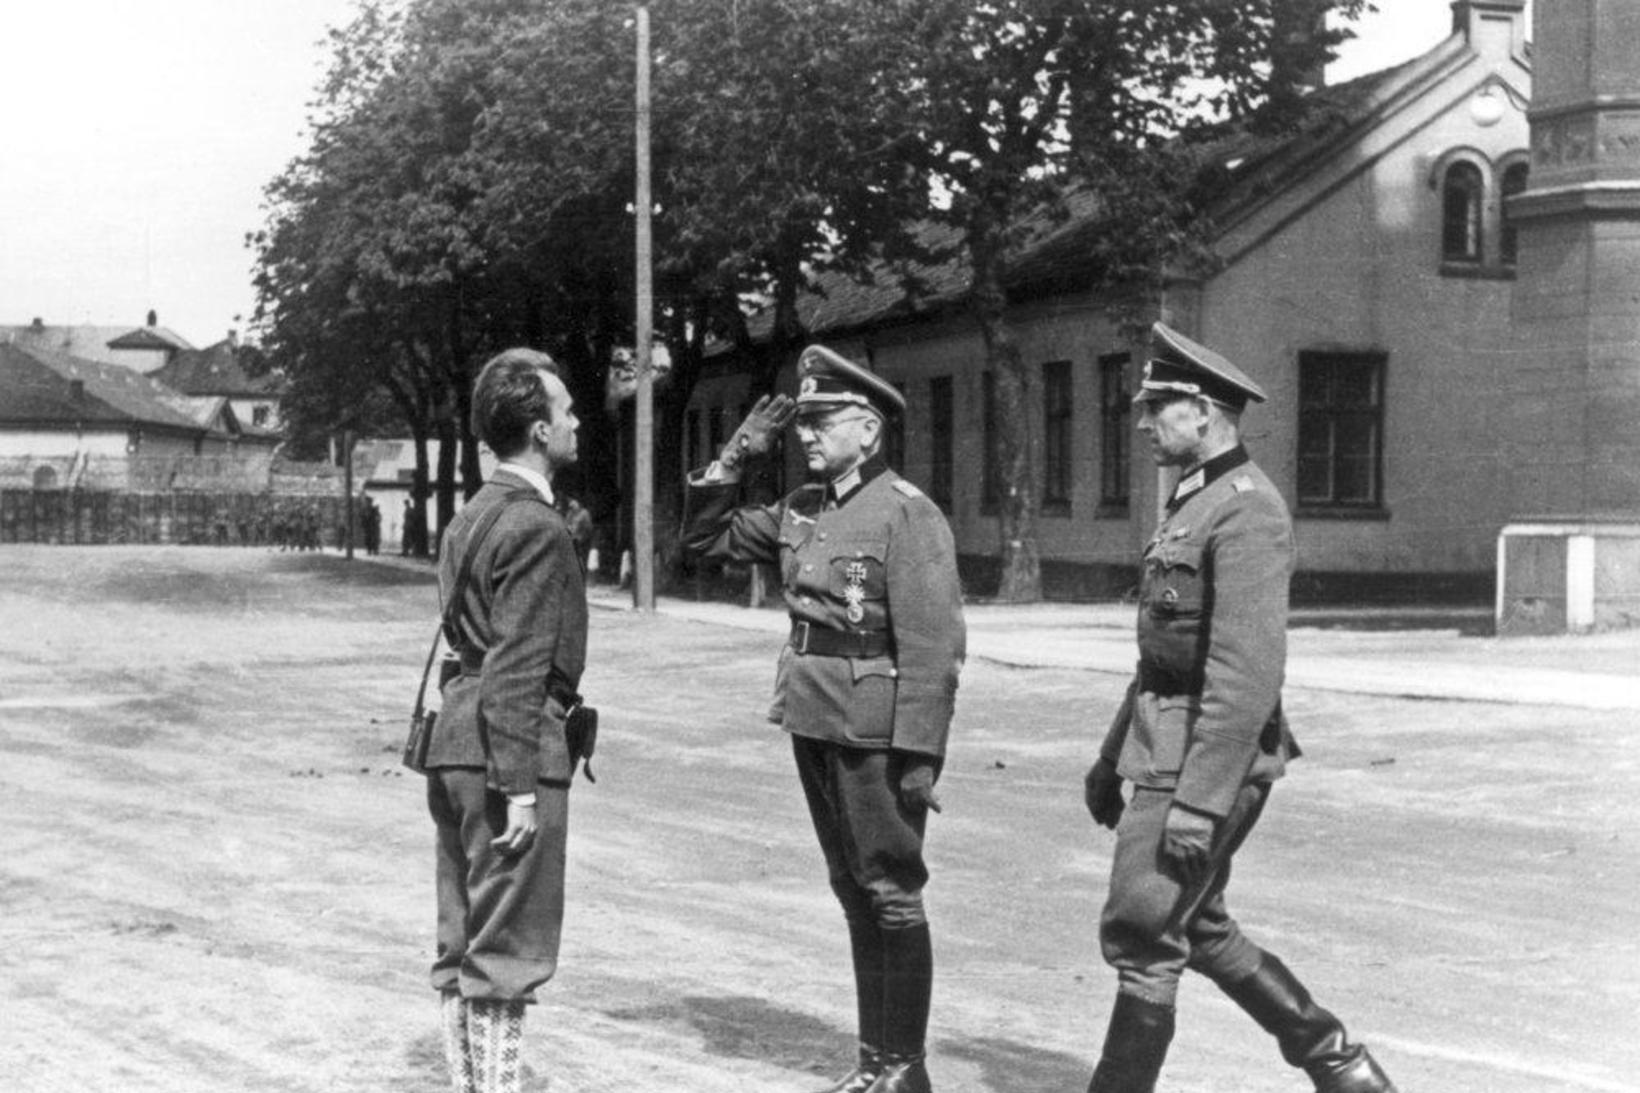 Hernámi lokið 1945. Norskar sveitir, undir stjórn Terje Rollem, taka …